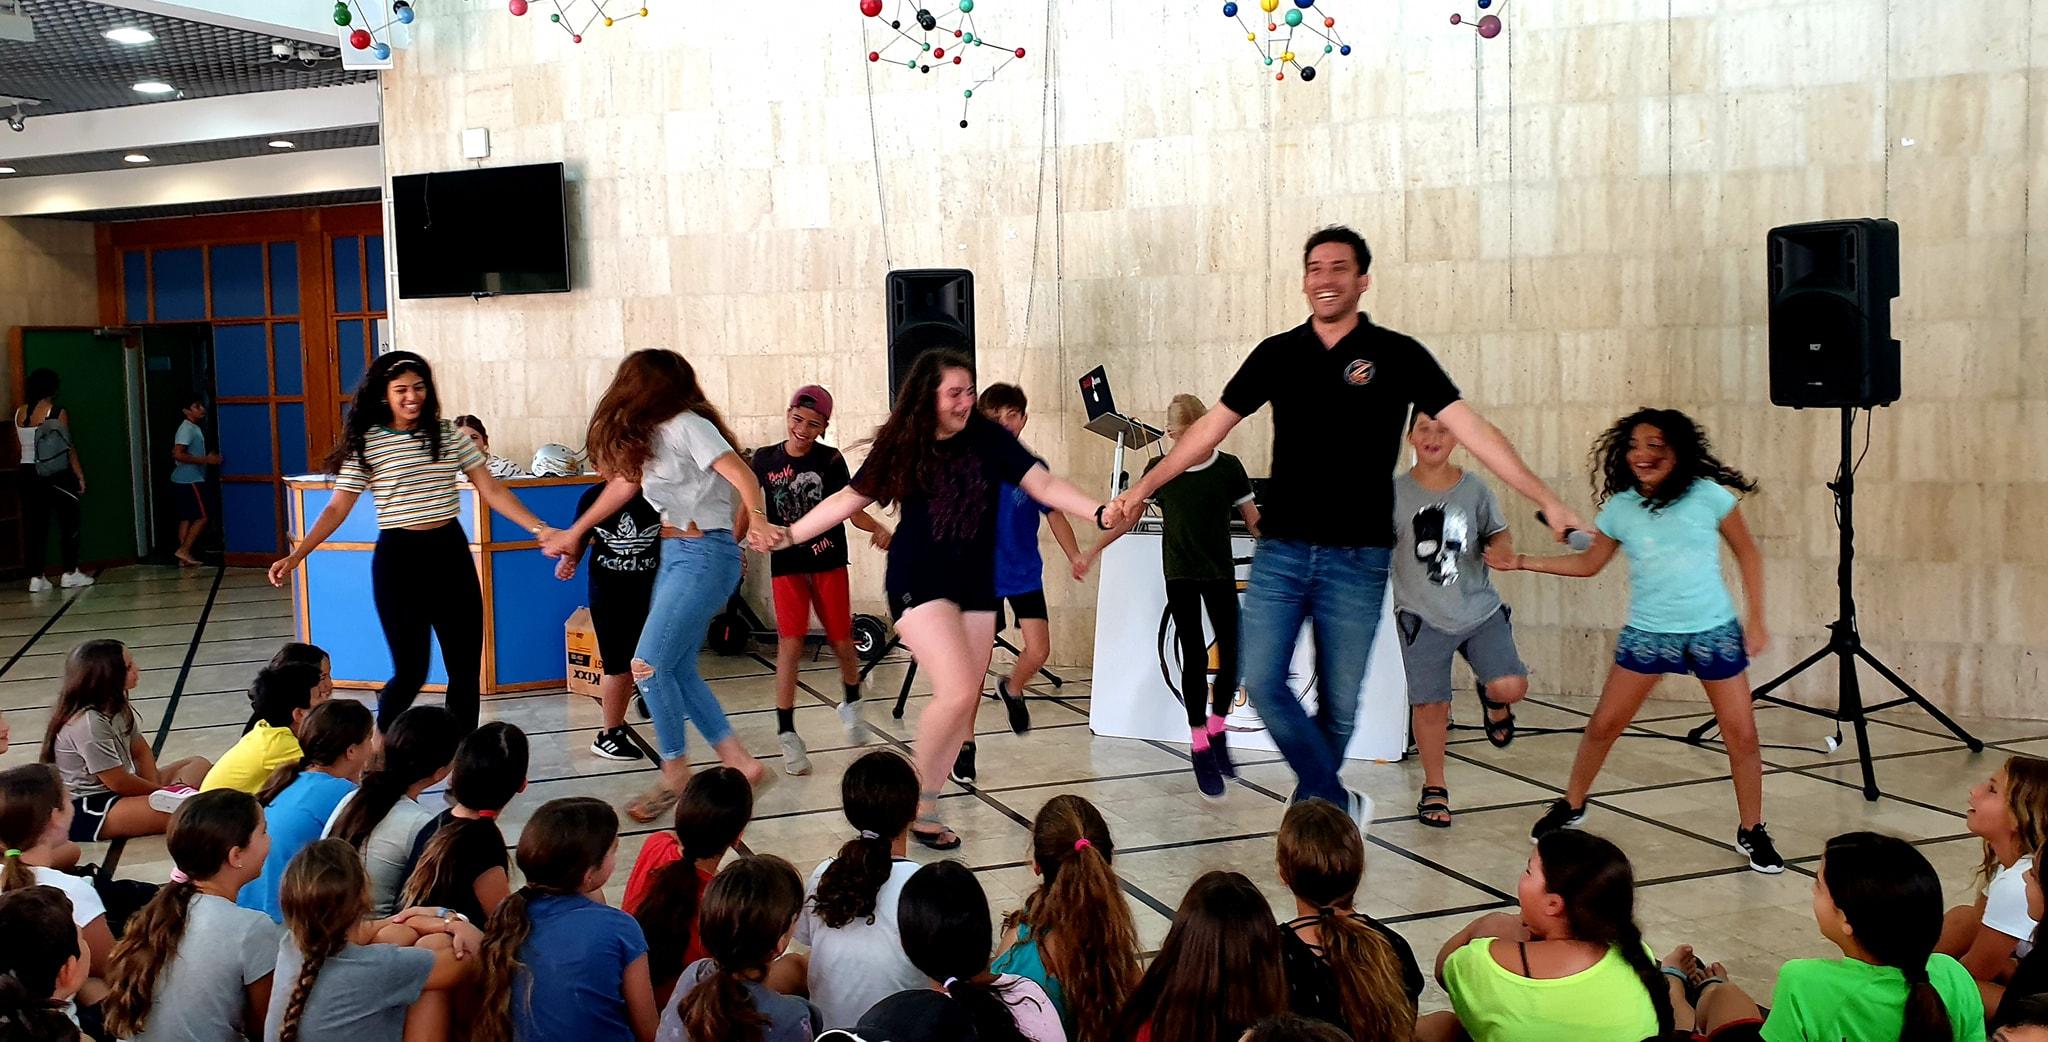 מסיבת ריקודים לילדים